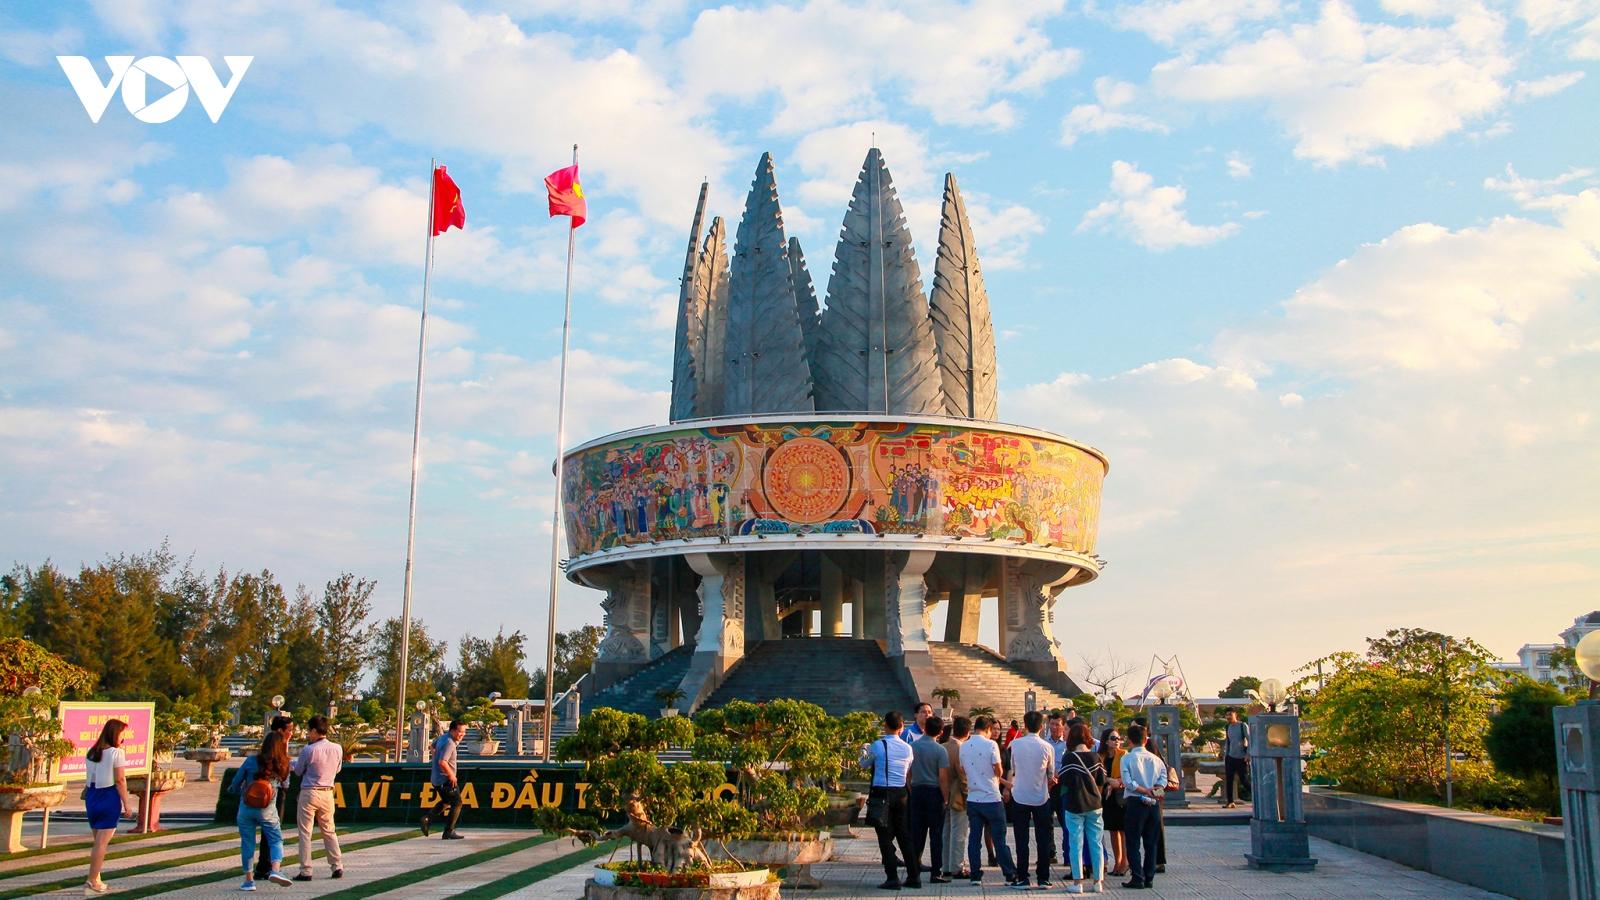 Các khu, điểm du lịch tại Móng Cái (Quảng Ninh) được phép đón khách nội tỉnh từ 21/9